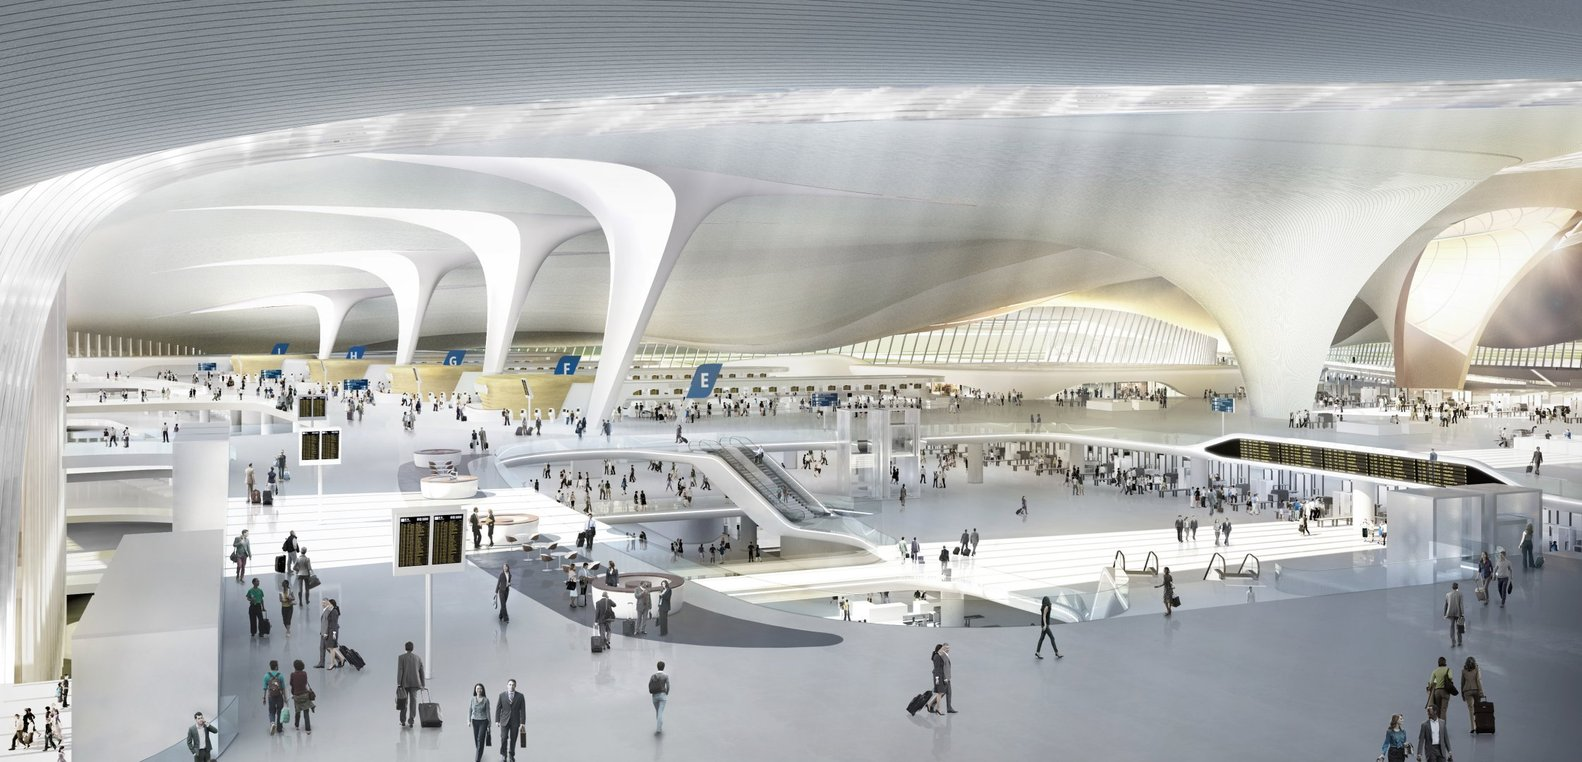 công trường sân bay lớn nhất thế giới